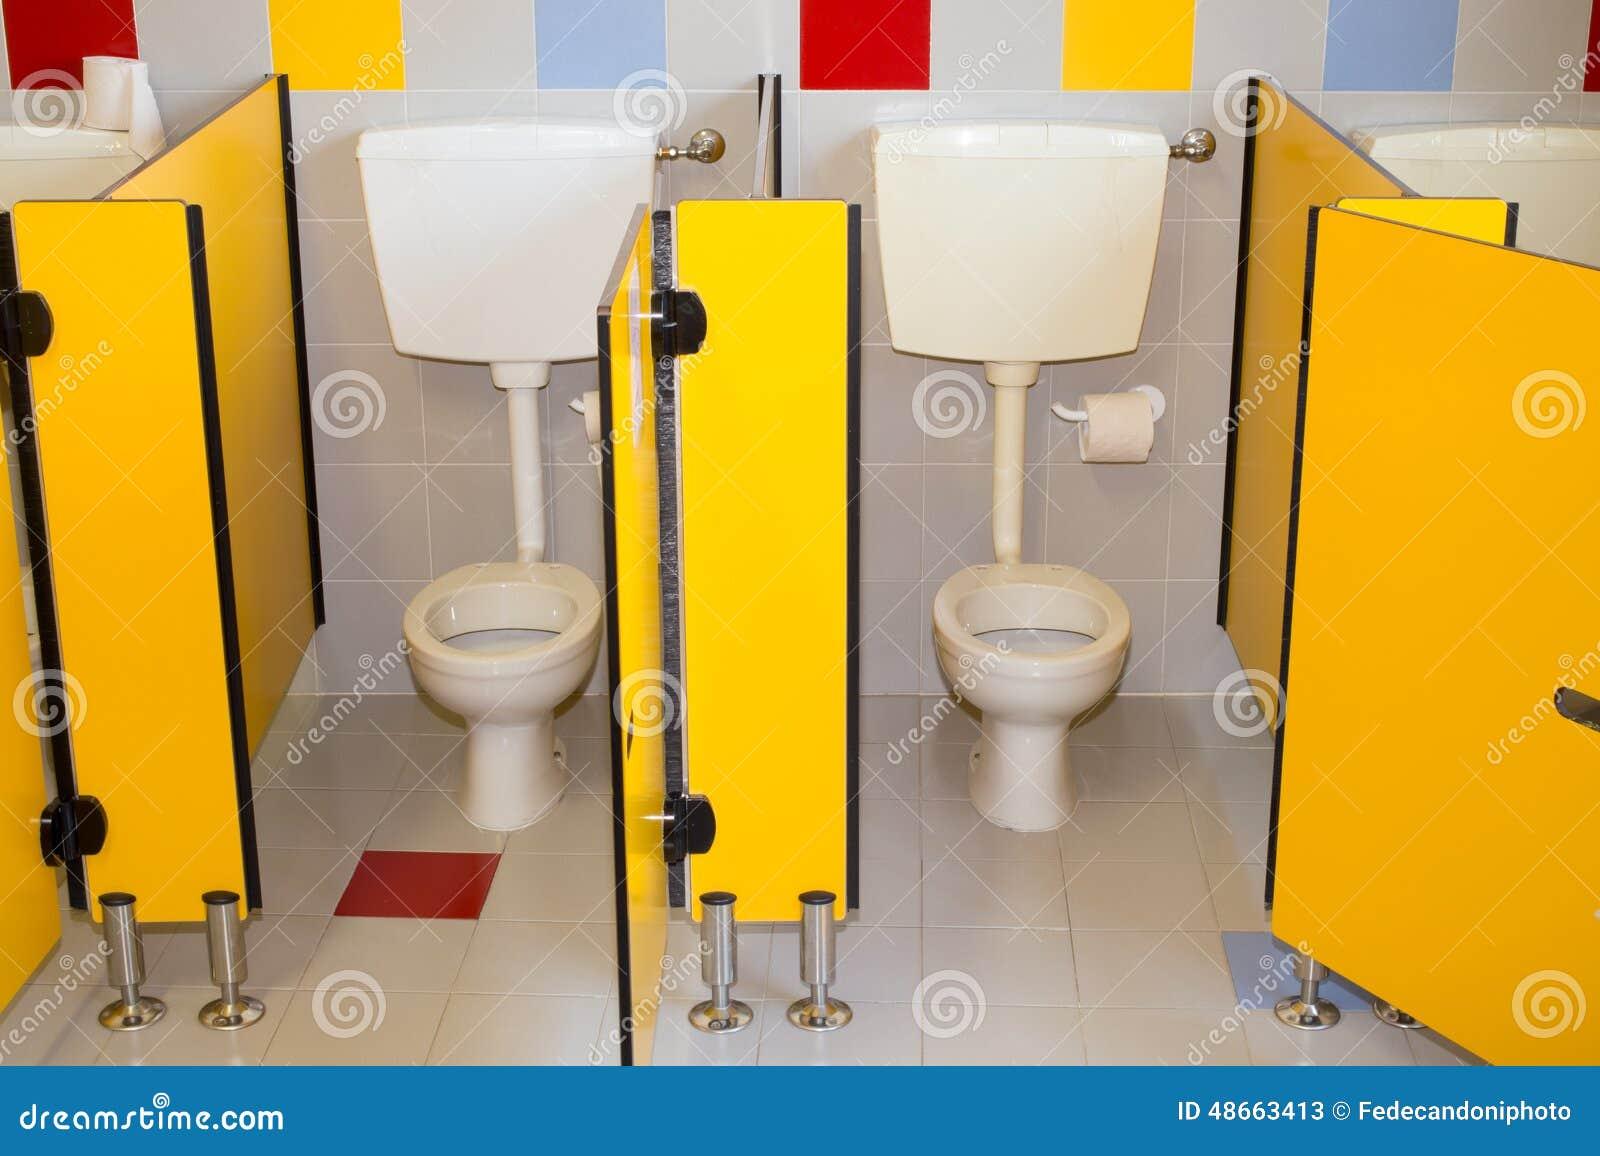 Design#5001759: Badezimmer kinder: new design cute penguin children urinal .... Badgestaltung Mit Farbe Frohliches Farbschema Gefallt Den Kindern